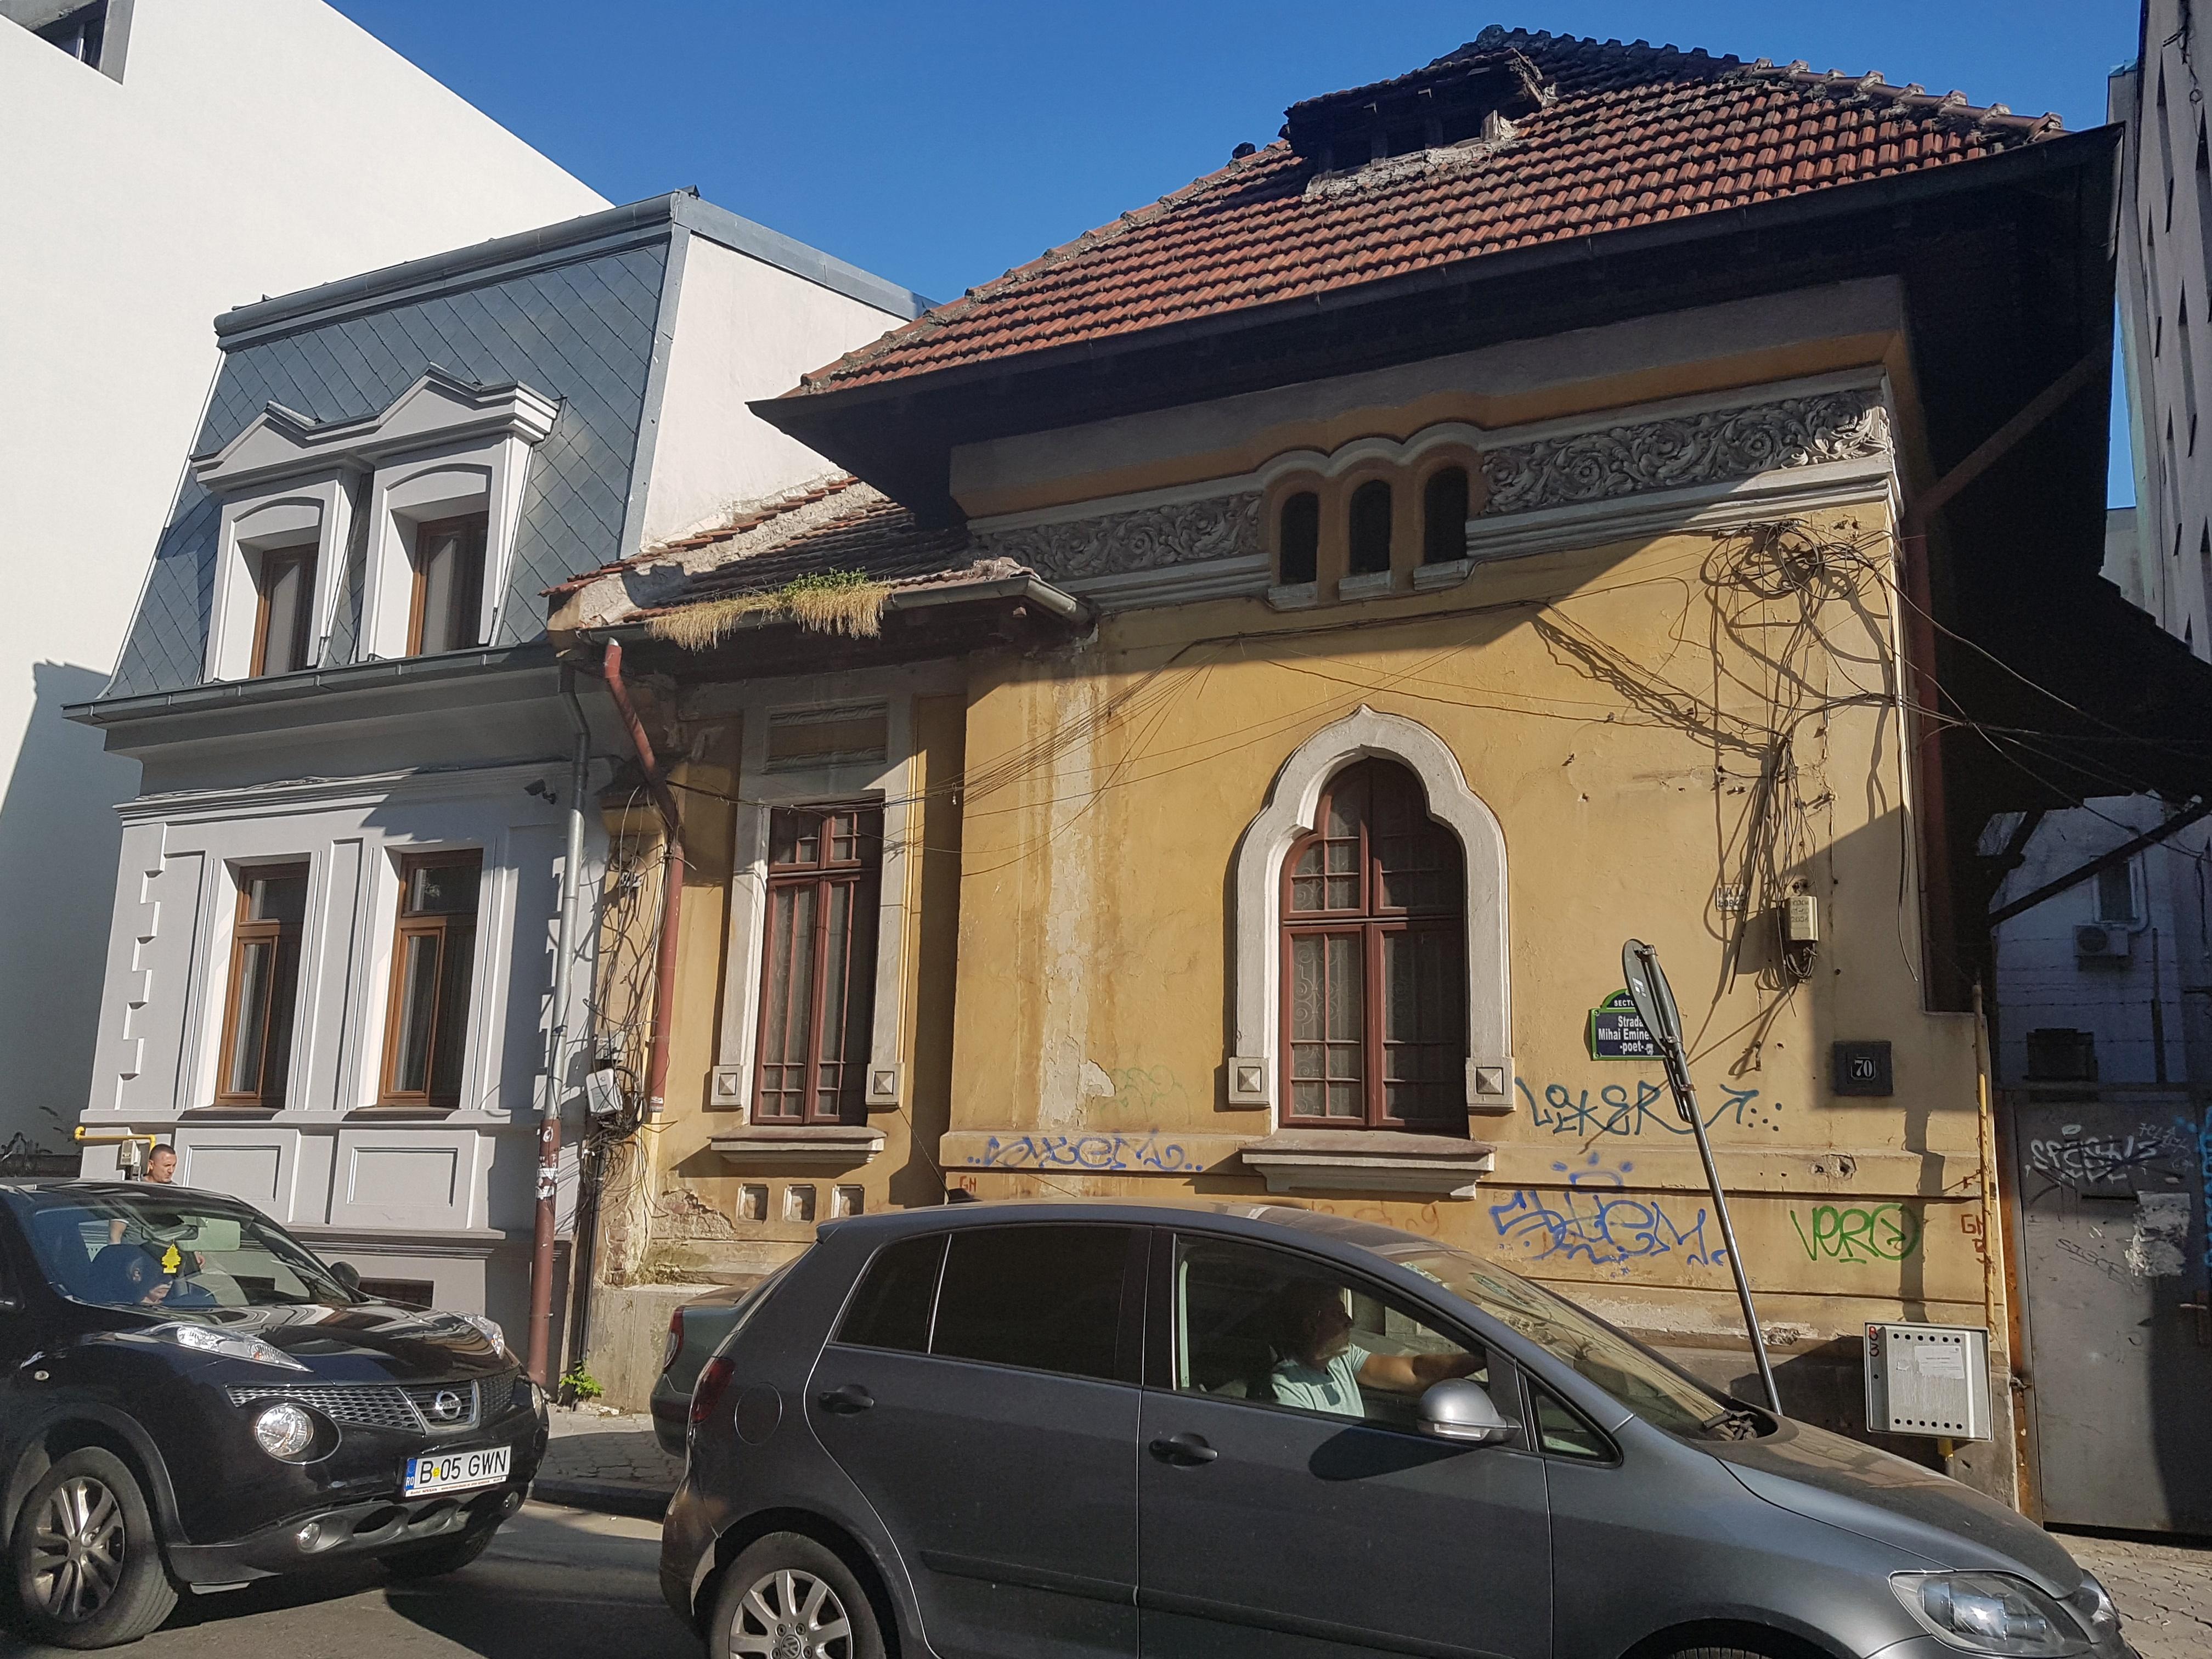 Un bloc cu patru etaje ar putea apărea în zona protejată Mihai Eminescu, vizavi de casa Henrieta Delavrancea, monument istoric. Cum a fost distrusă zona în ultimii 15 ani 14